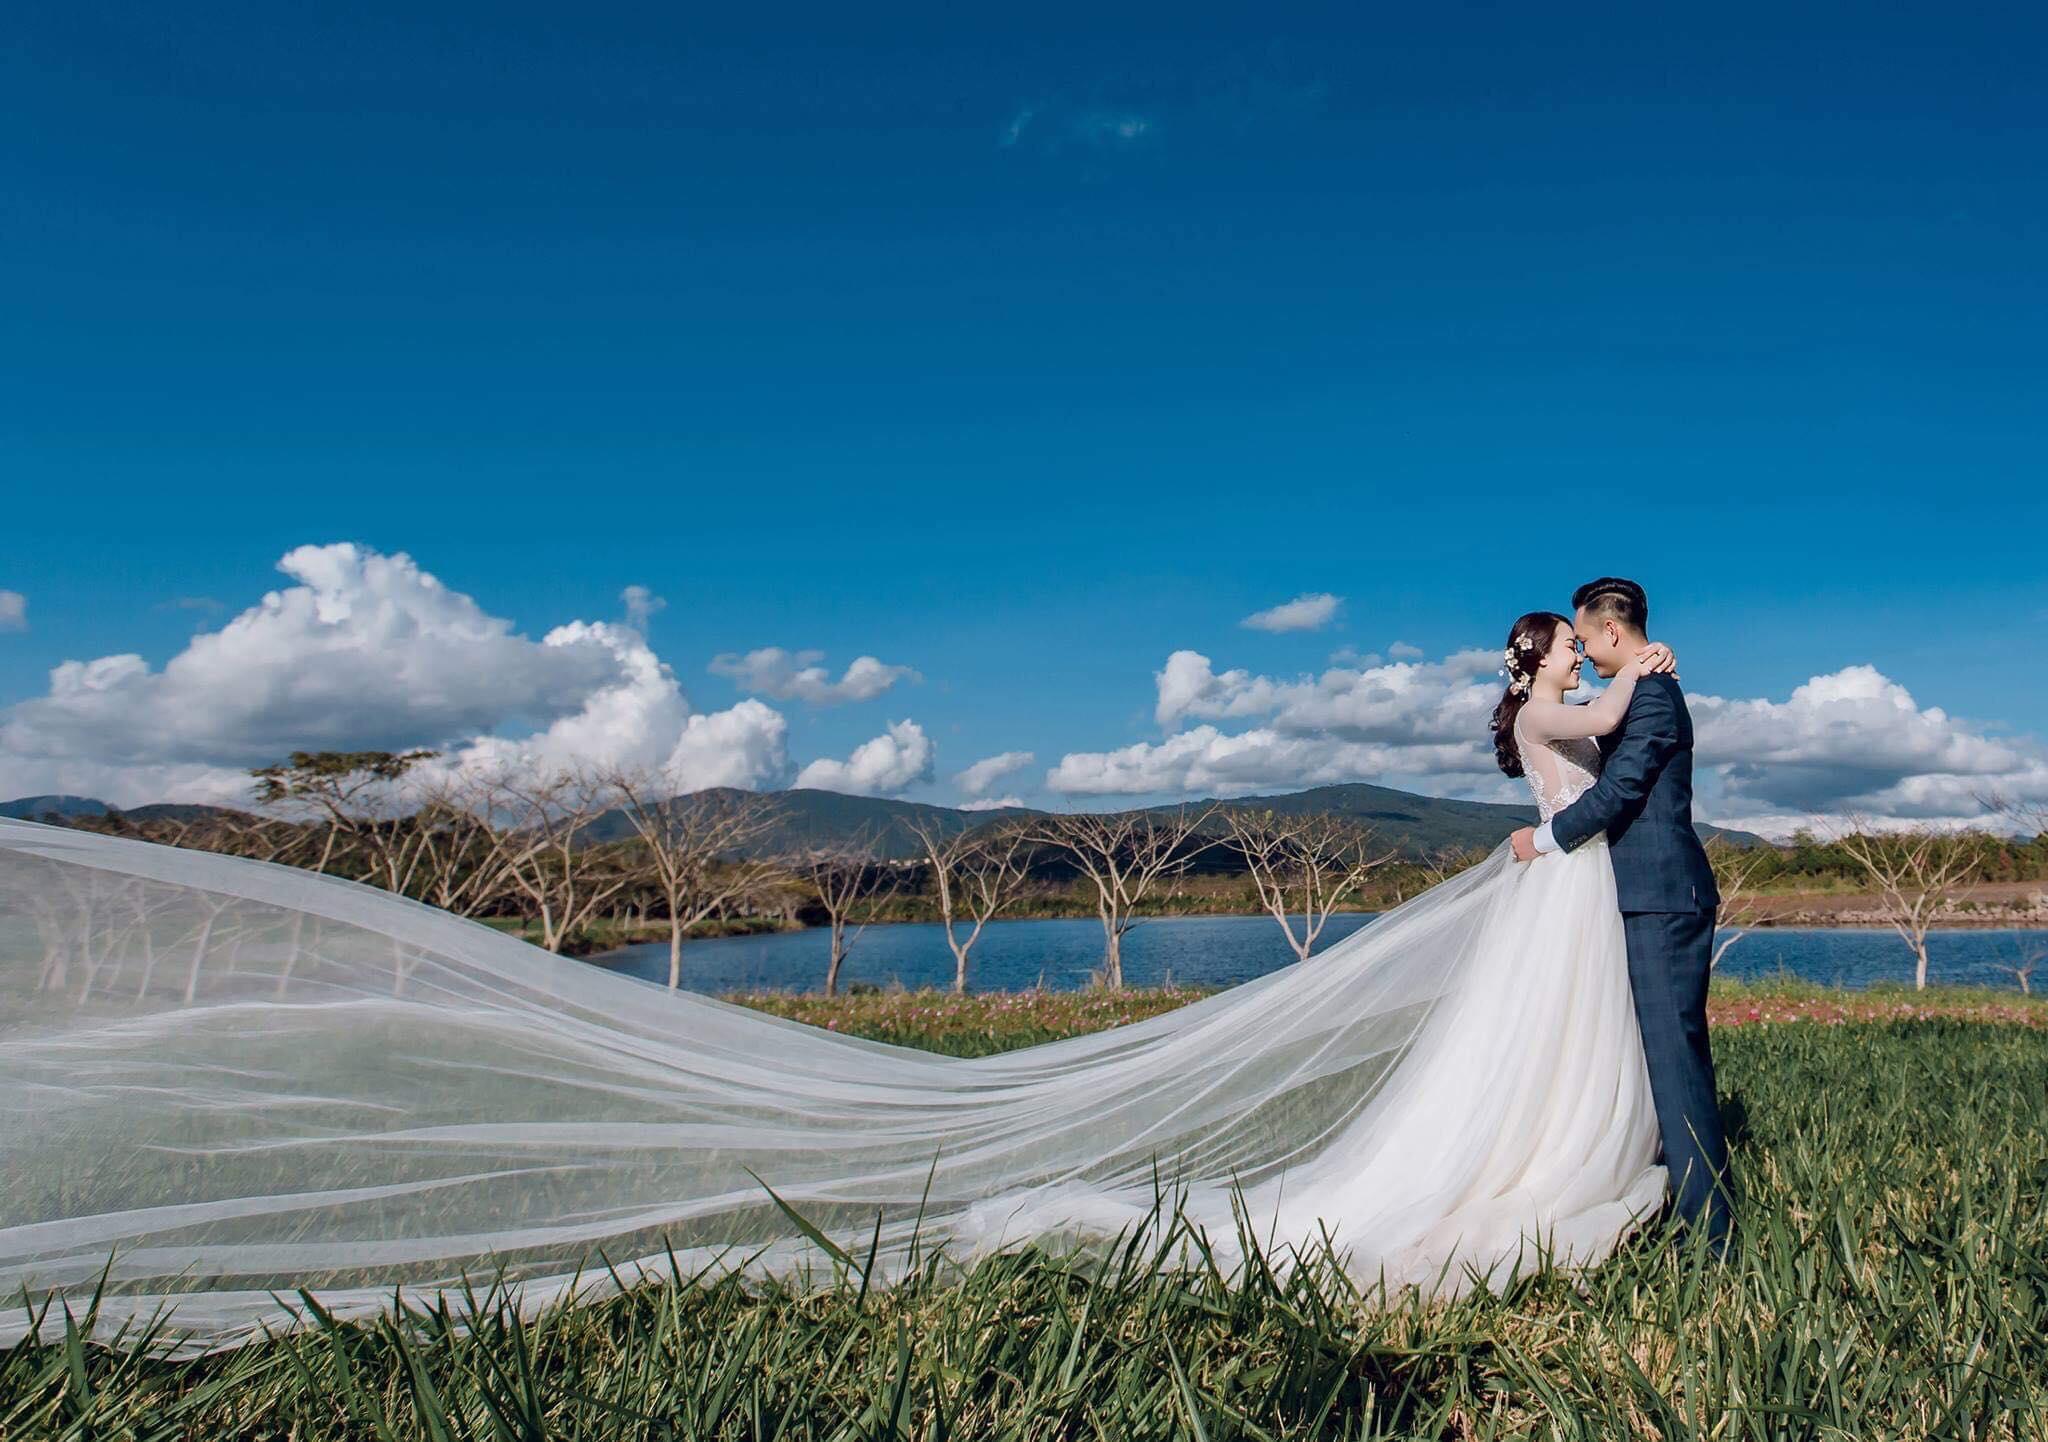 Top 5 Studio chụp ảnh cưới đẹp Hậu Giang 2020 – 2021